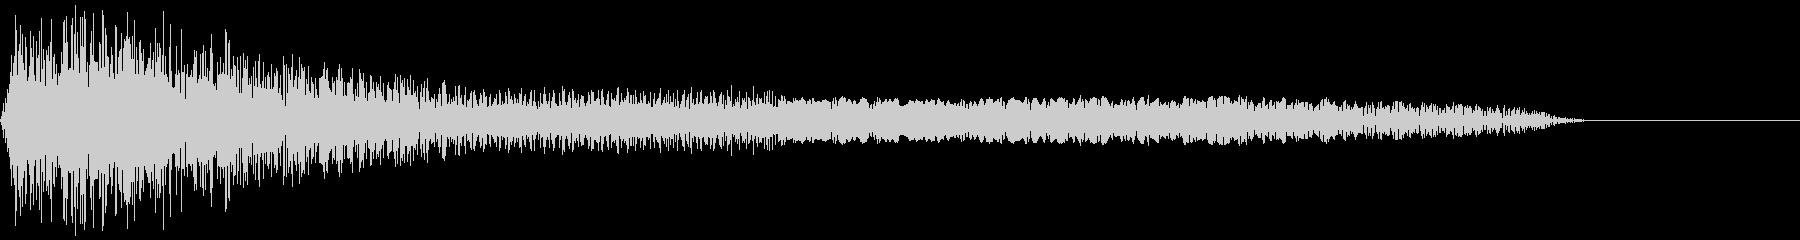 パイーン(ファミコン/攻撃/変な音の未再生の波形